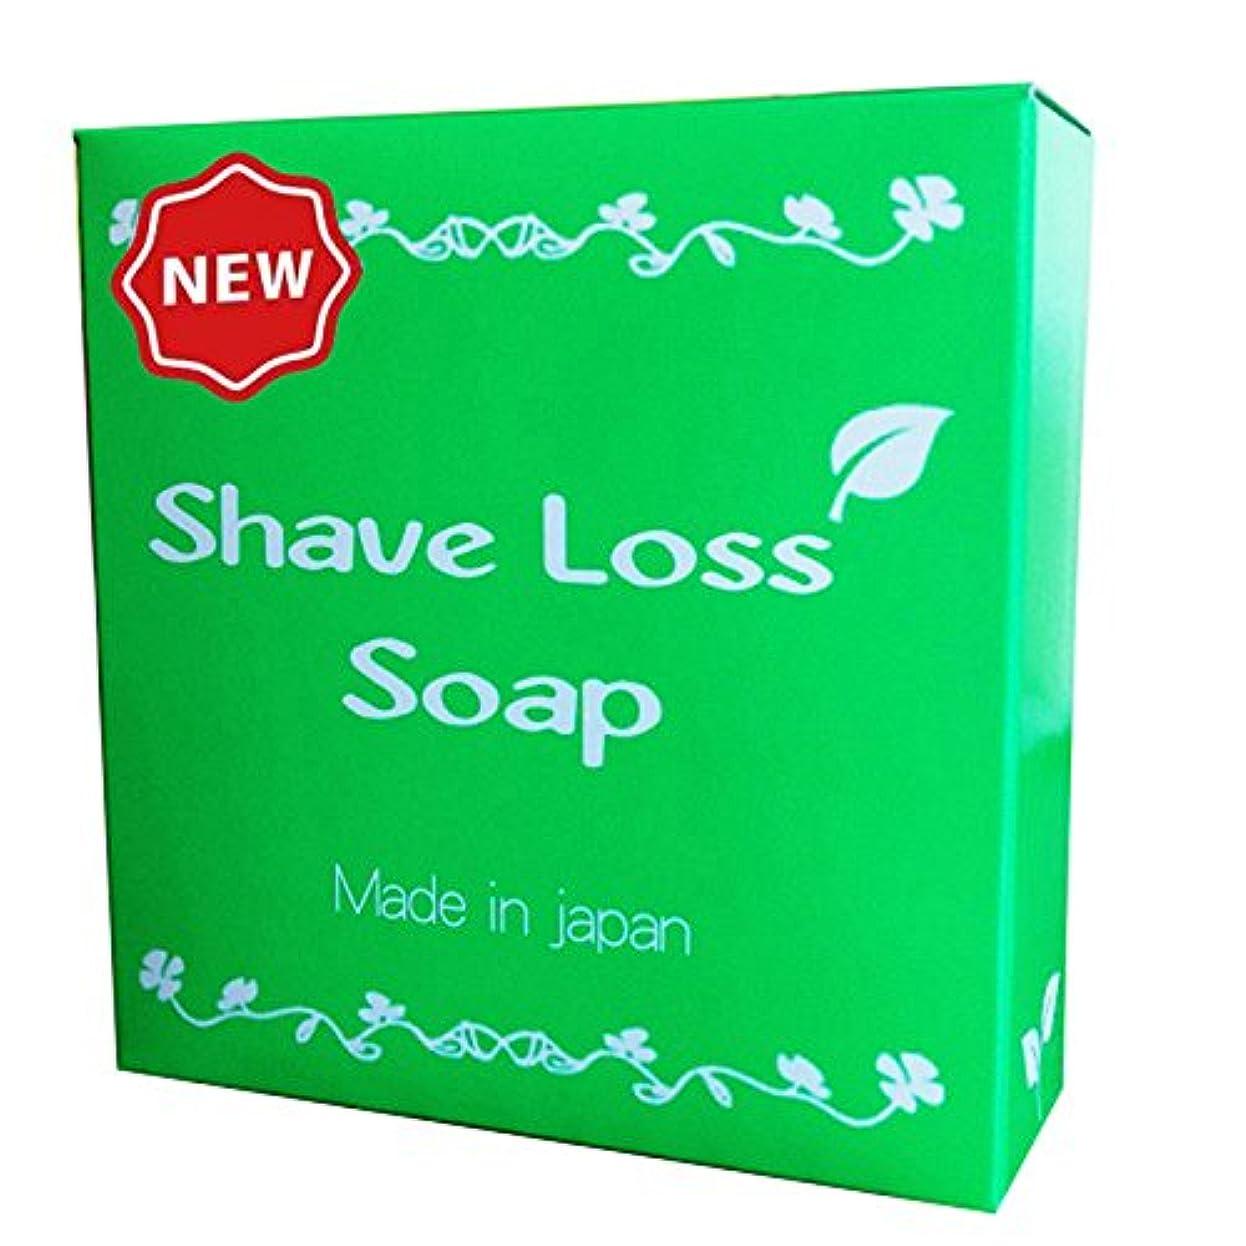 サラダ前提内陸【NEW】Shave Loss Soap 女性の願いを叶える 石鹸 80g 「ダイズ種子エキス」 「ラレアディバリカタエキス」大幅増量タイプ